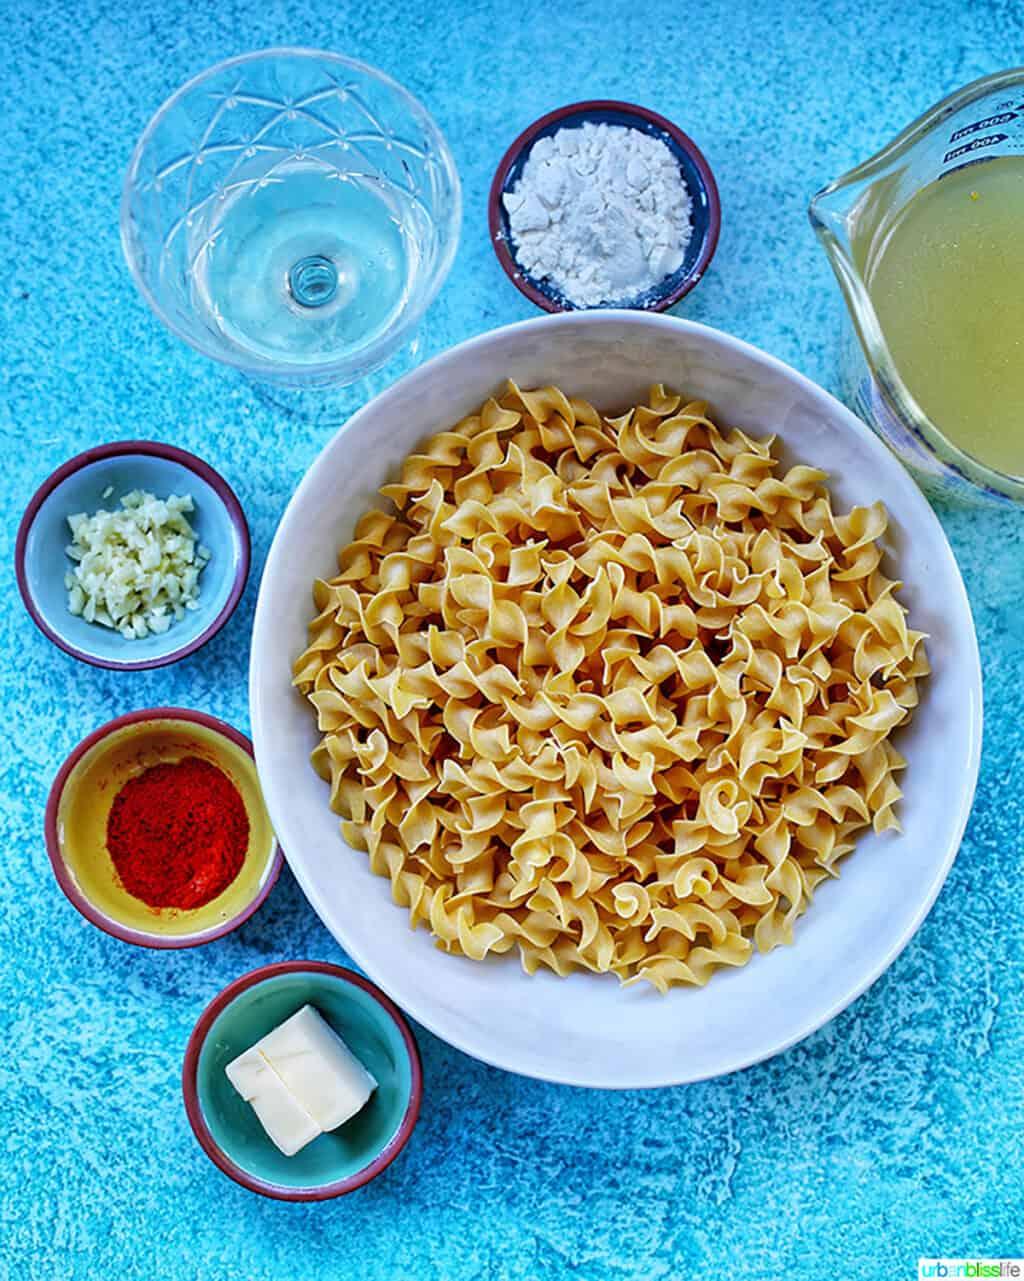 ingredients for paprika pasta